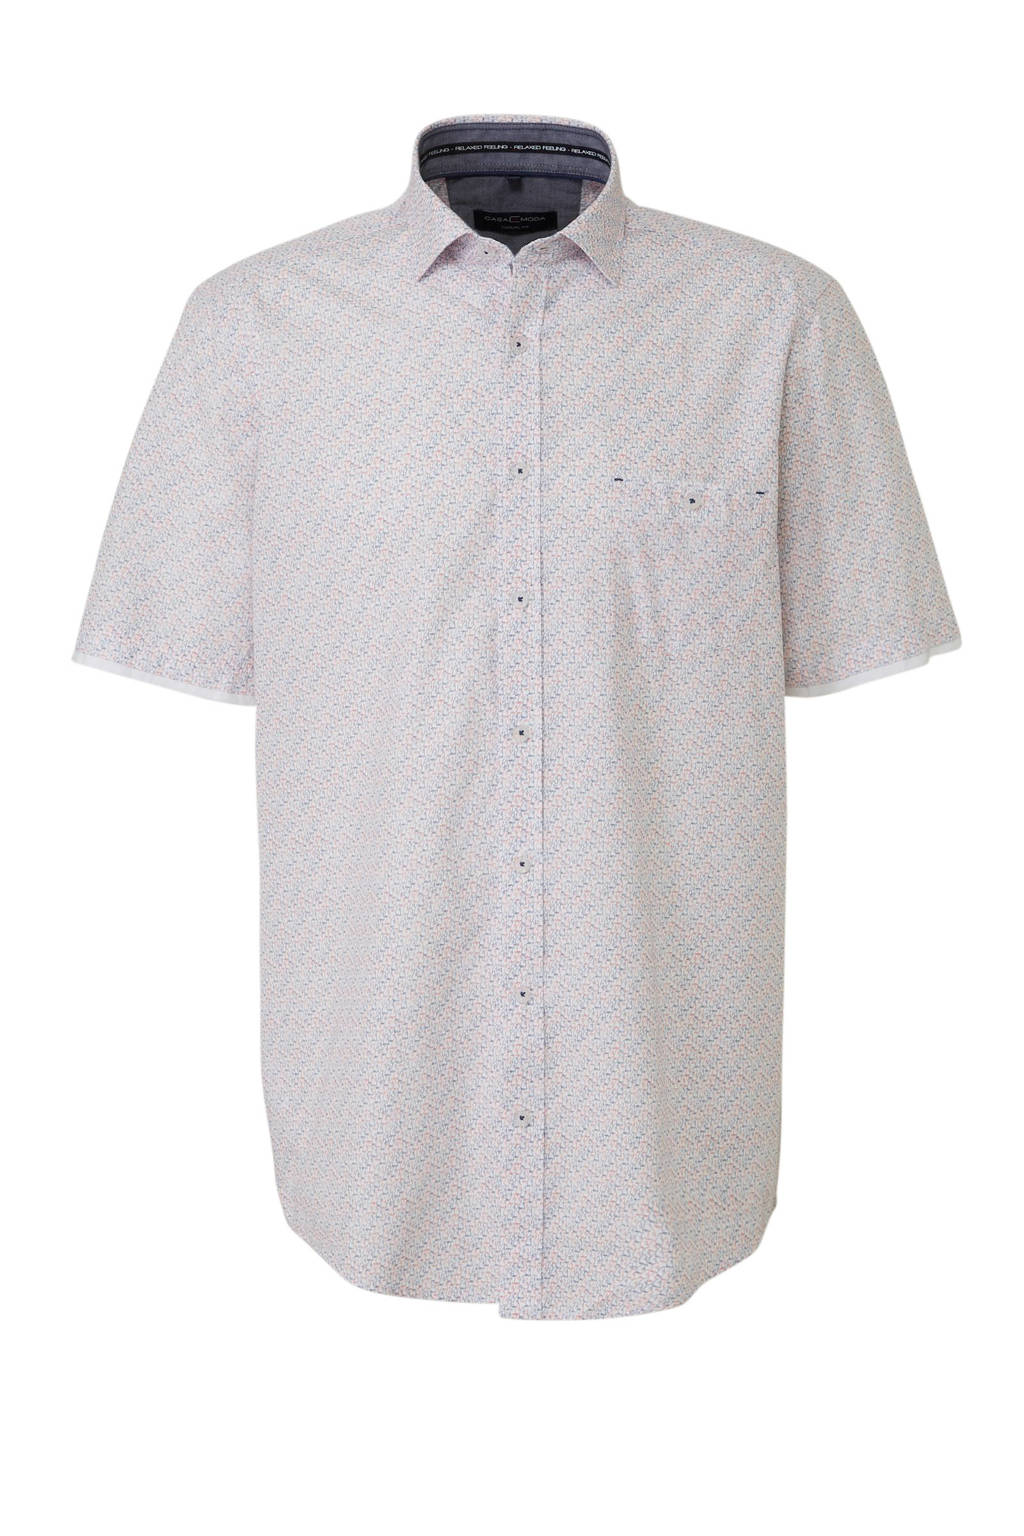 Casa Moda +size overhemd korte mouw, Wit/lichtblauw